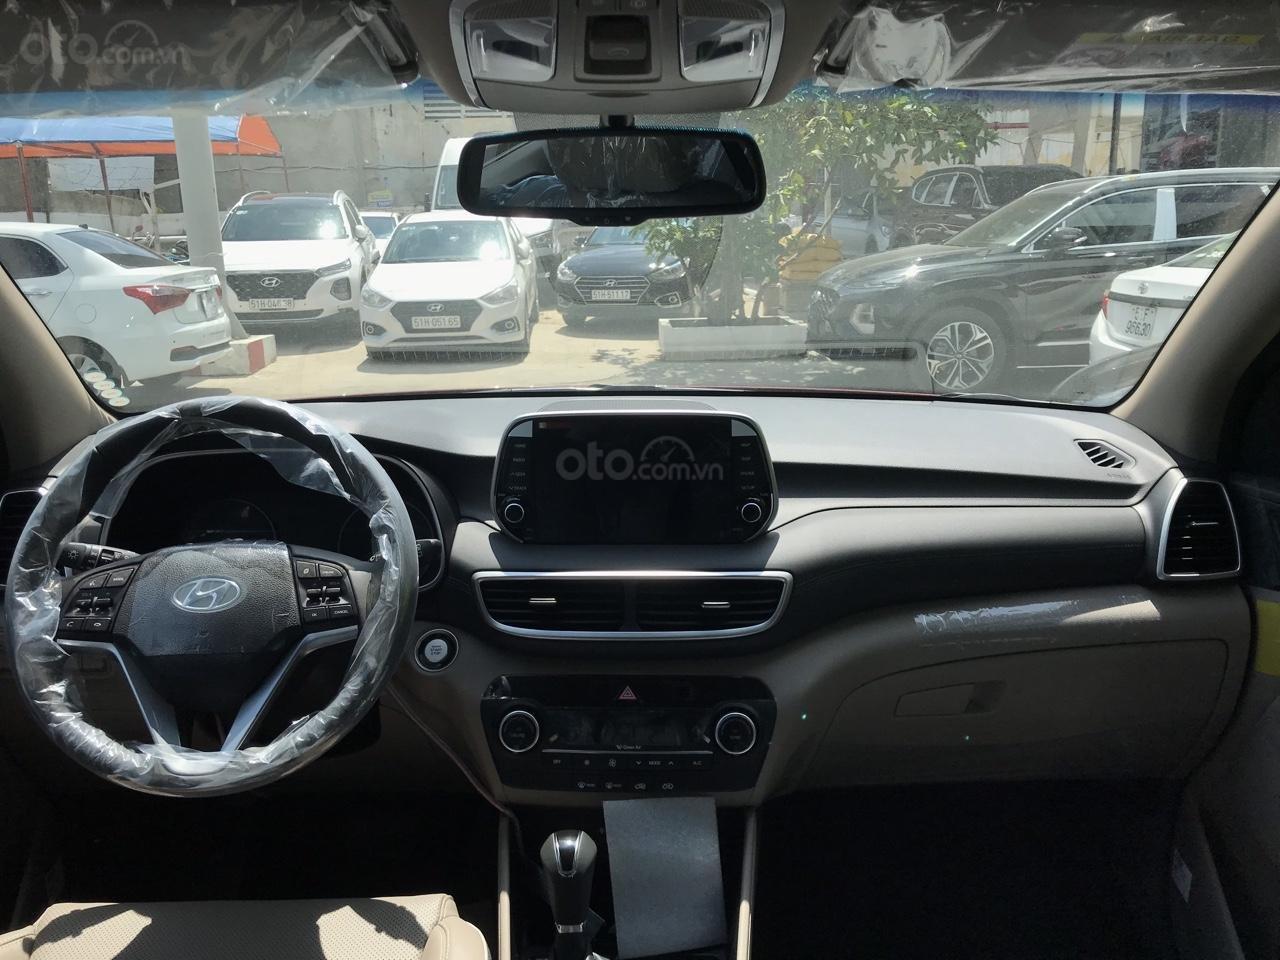 Bán Hyundai Tucson full xăng đỏ giao ngay nhận xe ngay chỉ với 200tr, LH: 0977 139 312 (4)